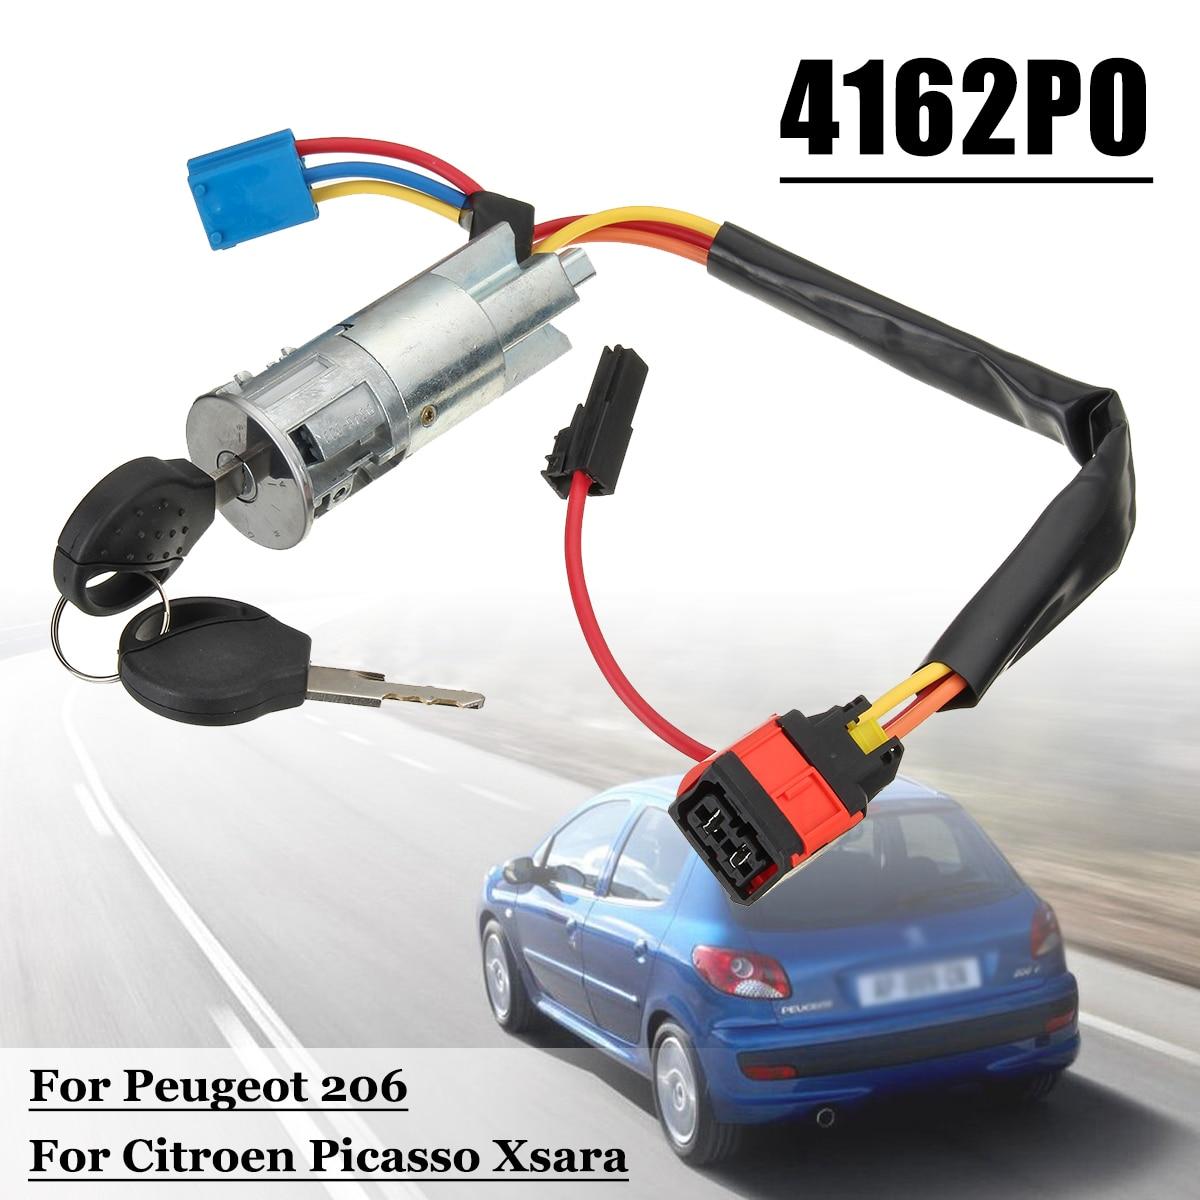 992712 Car Ignition Starter Switch Barrel Lock 2 Keys for Peugeot 206 for Citroen Picasso Xsara 4162P0